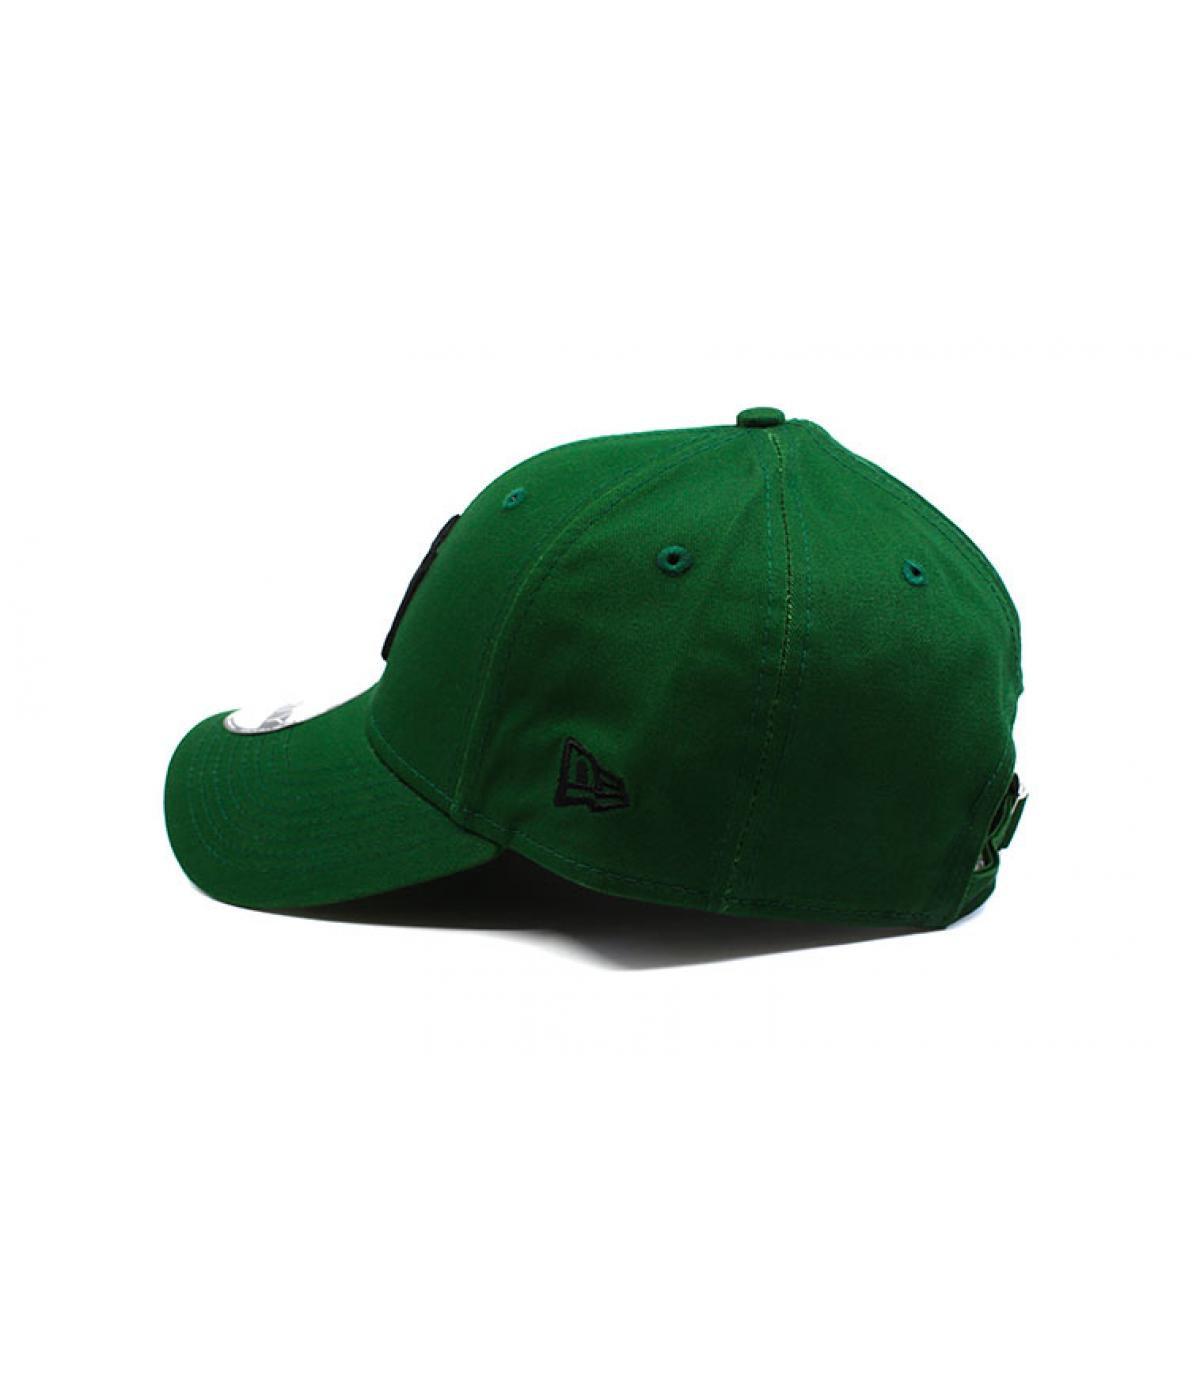 Details Kinder Cap League Ess NY green black - Abbildung 4